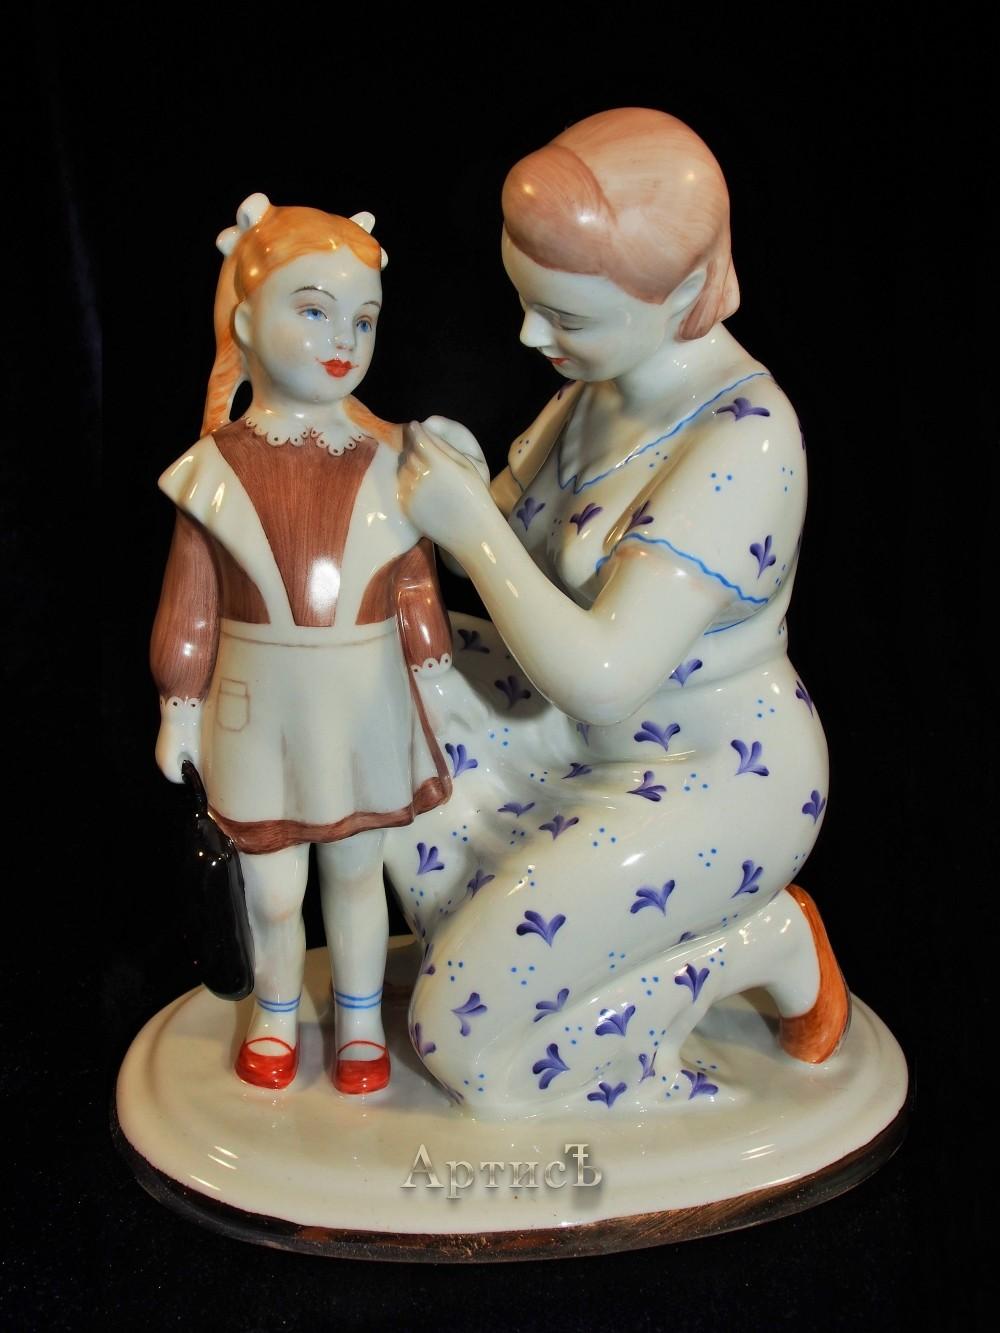 фарфоровые статуэтки лфз каталог фото комплекс магеллан